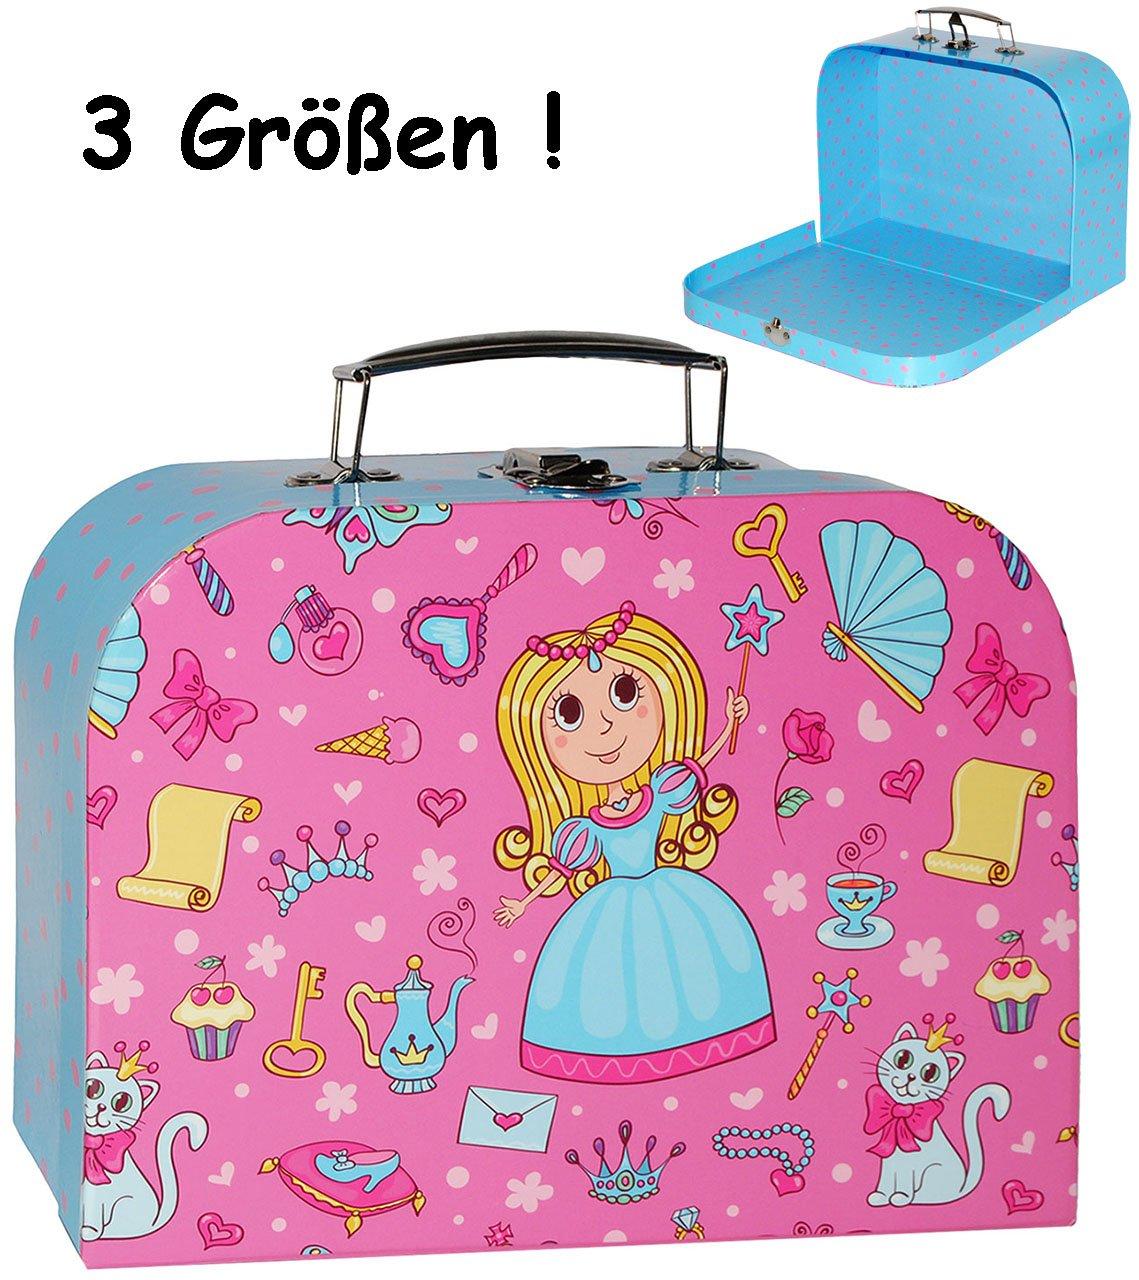 alles-meine.de GmbH 3 TLG. Set _ Kinderkoffer / Koffer - in 3 Verschiedenen Größen - Prinzessin & Herzen - rosa / pink - incl. Name - Kofferset - ideal für Spielzeug und als ..